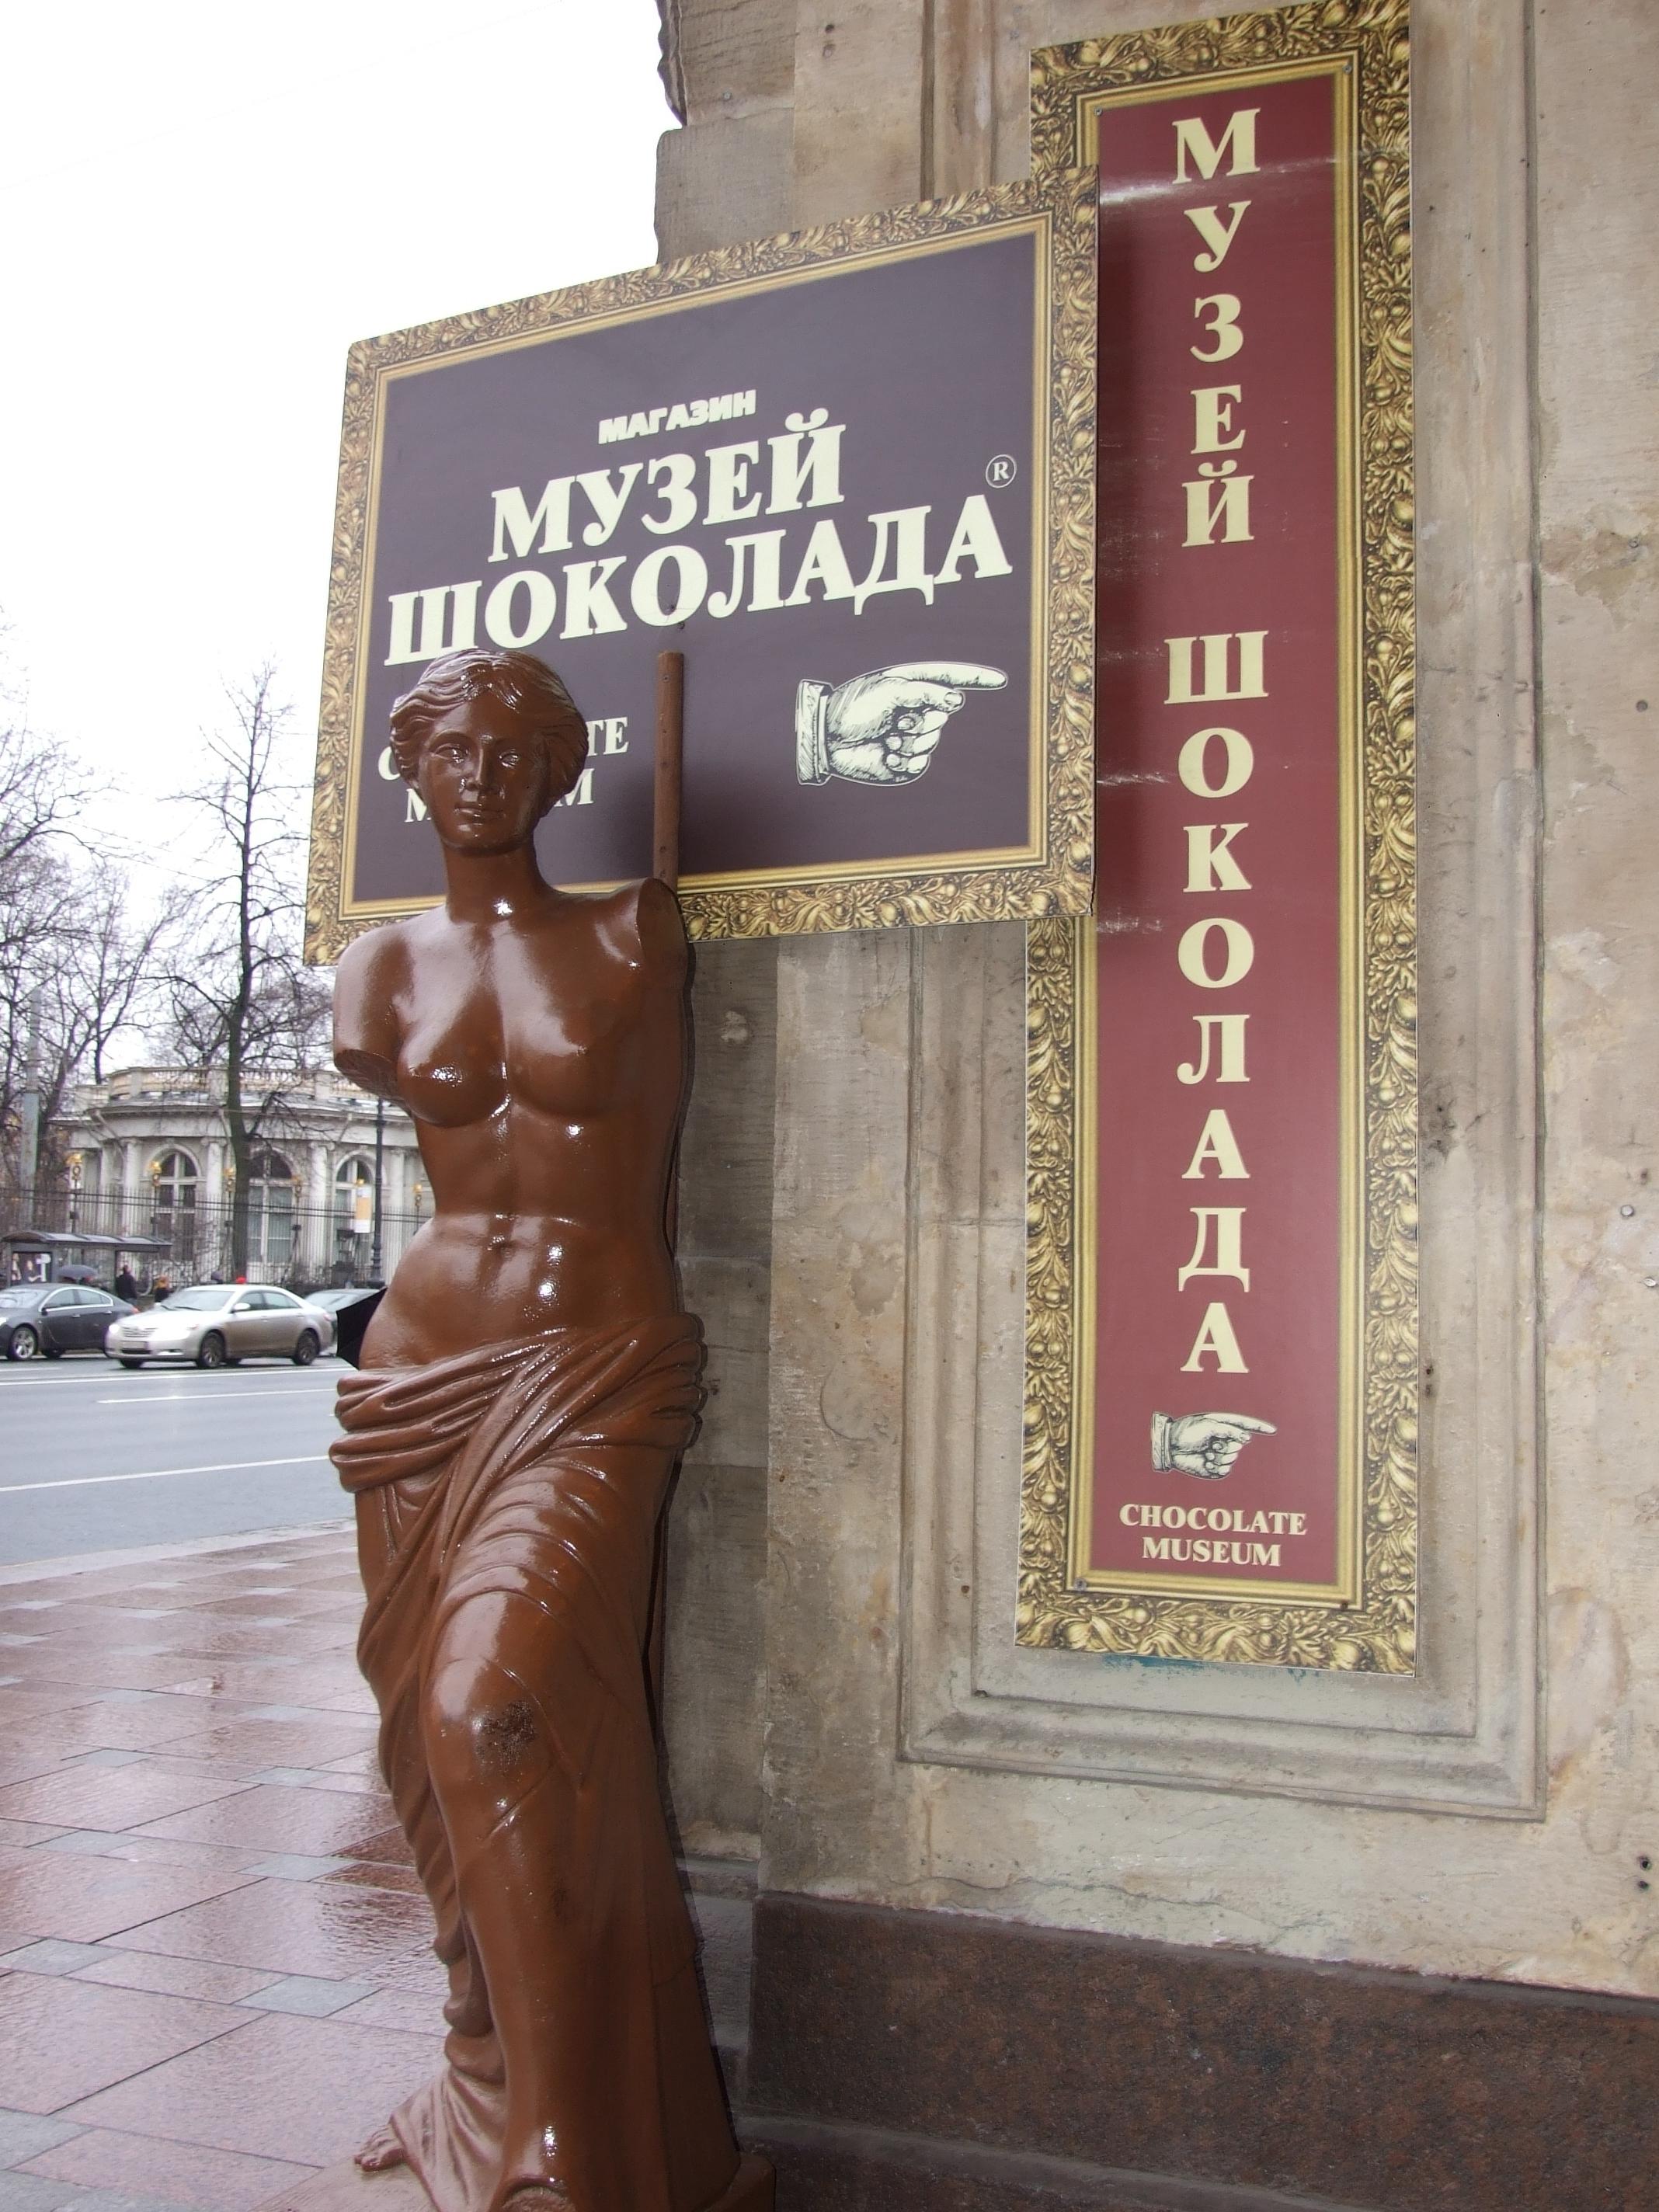 выполнить данную музей шоколада в санкт петербурге на невском фото модификации имеют